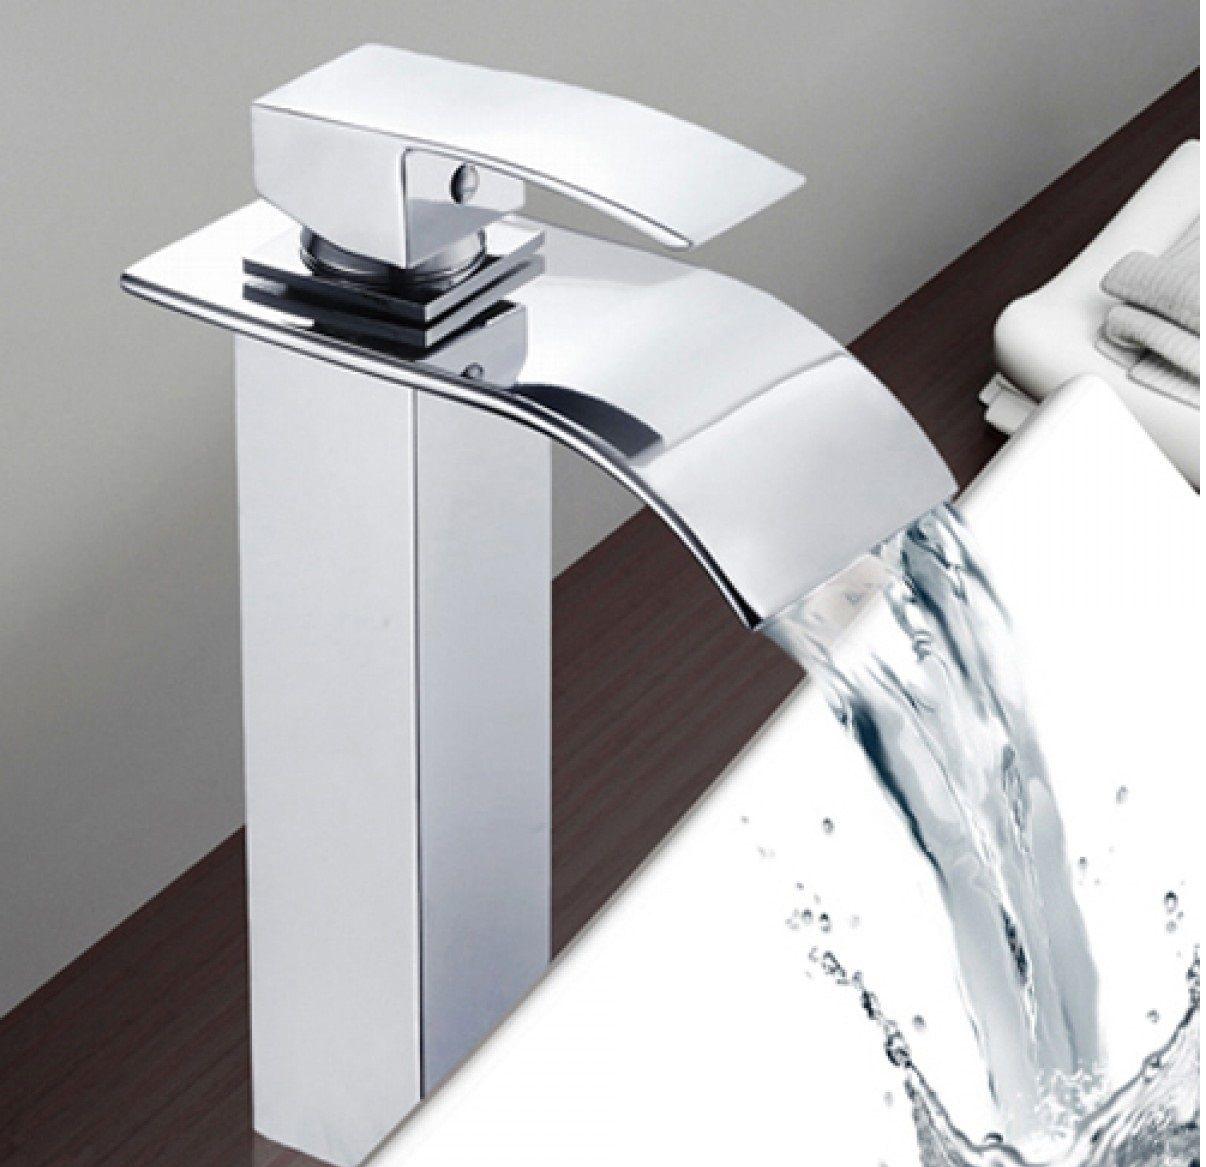 Ikea rubinetti ikea rubinetti ikea rubinetti faretti per for Miscelatore cucina ikea